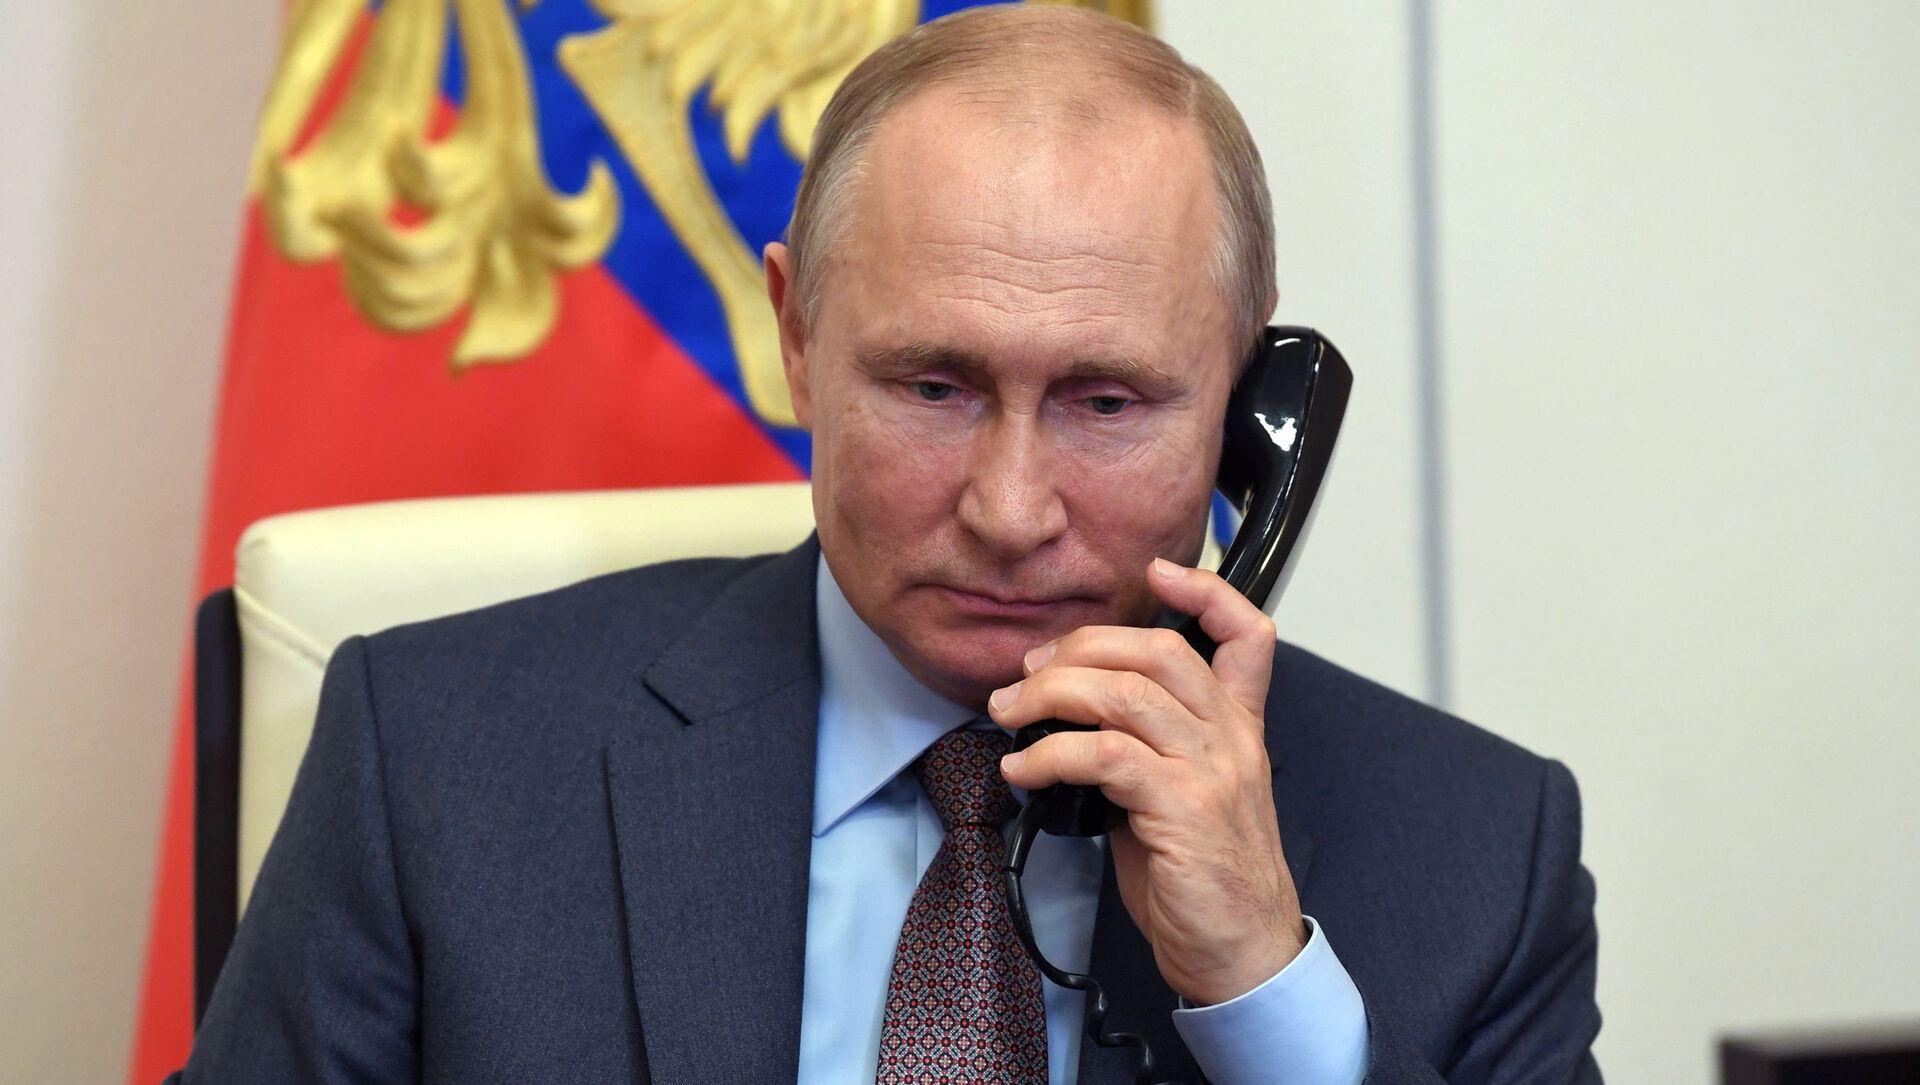 Il presidente russo Vladimir Putin al telefono - Sputnik Italia, 1920, 31.03.2021